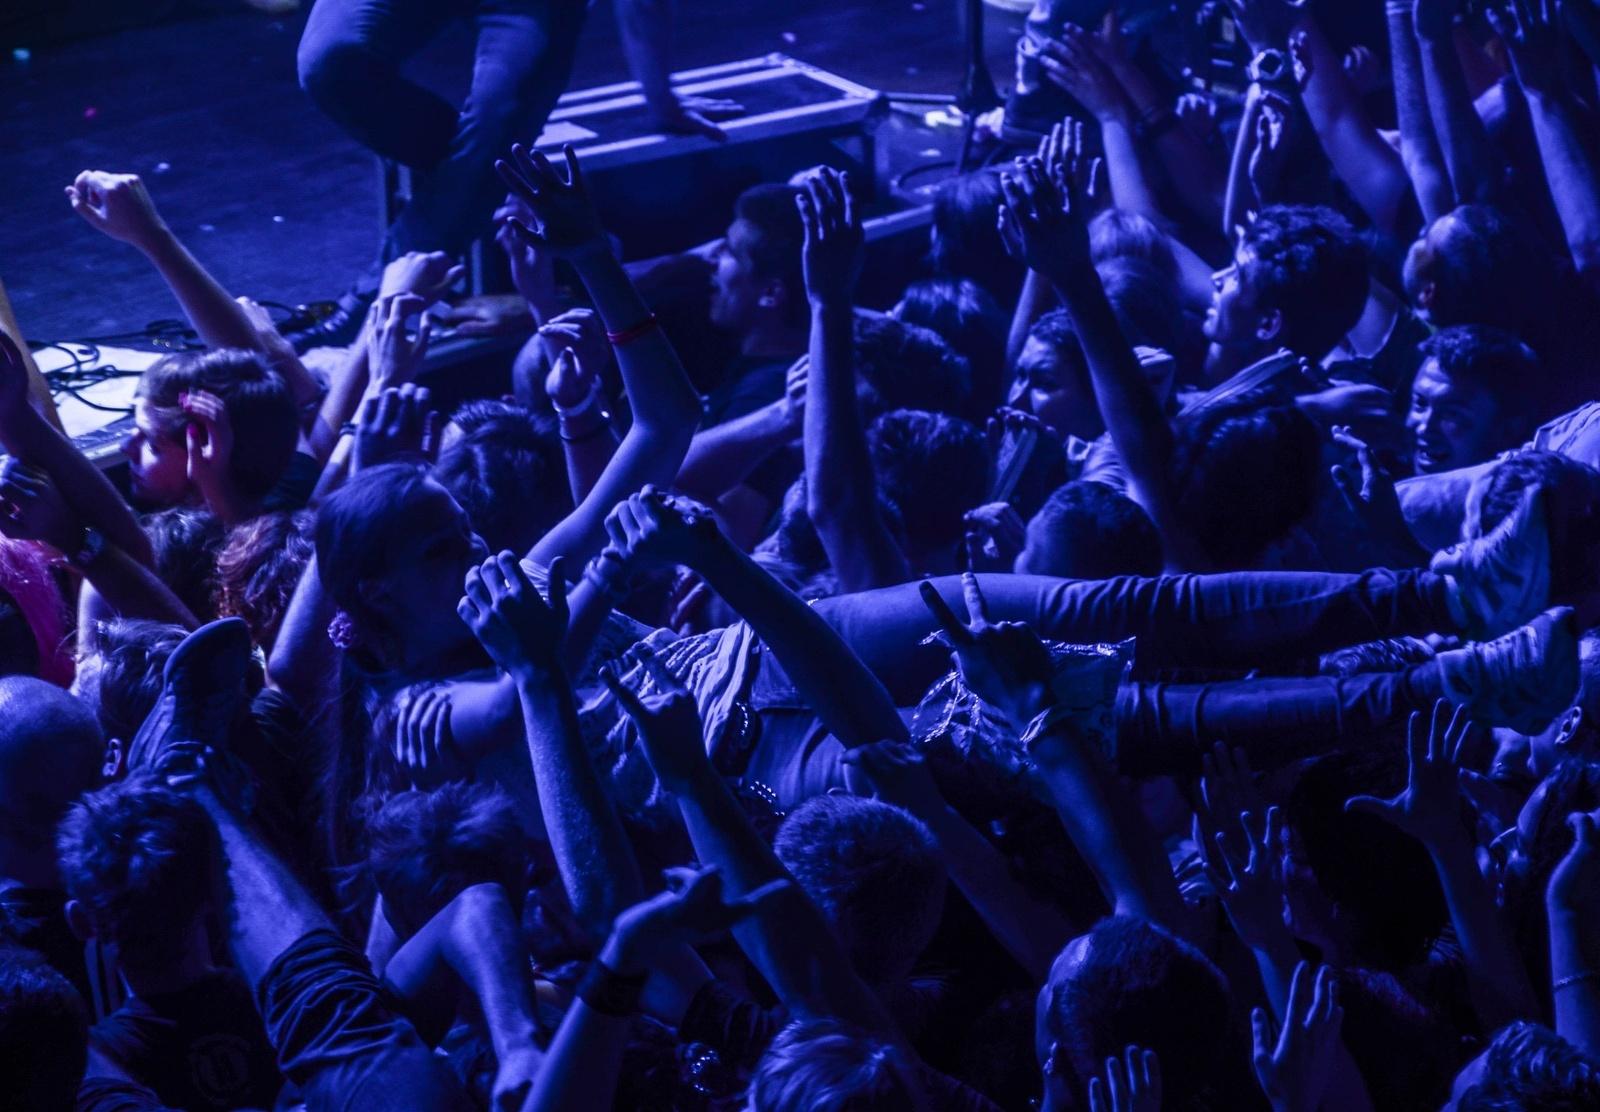 Порно порно в толпе на концерте длинном